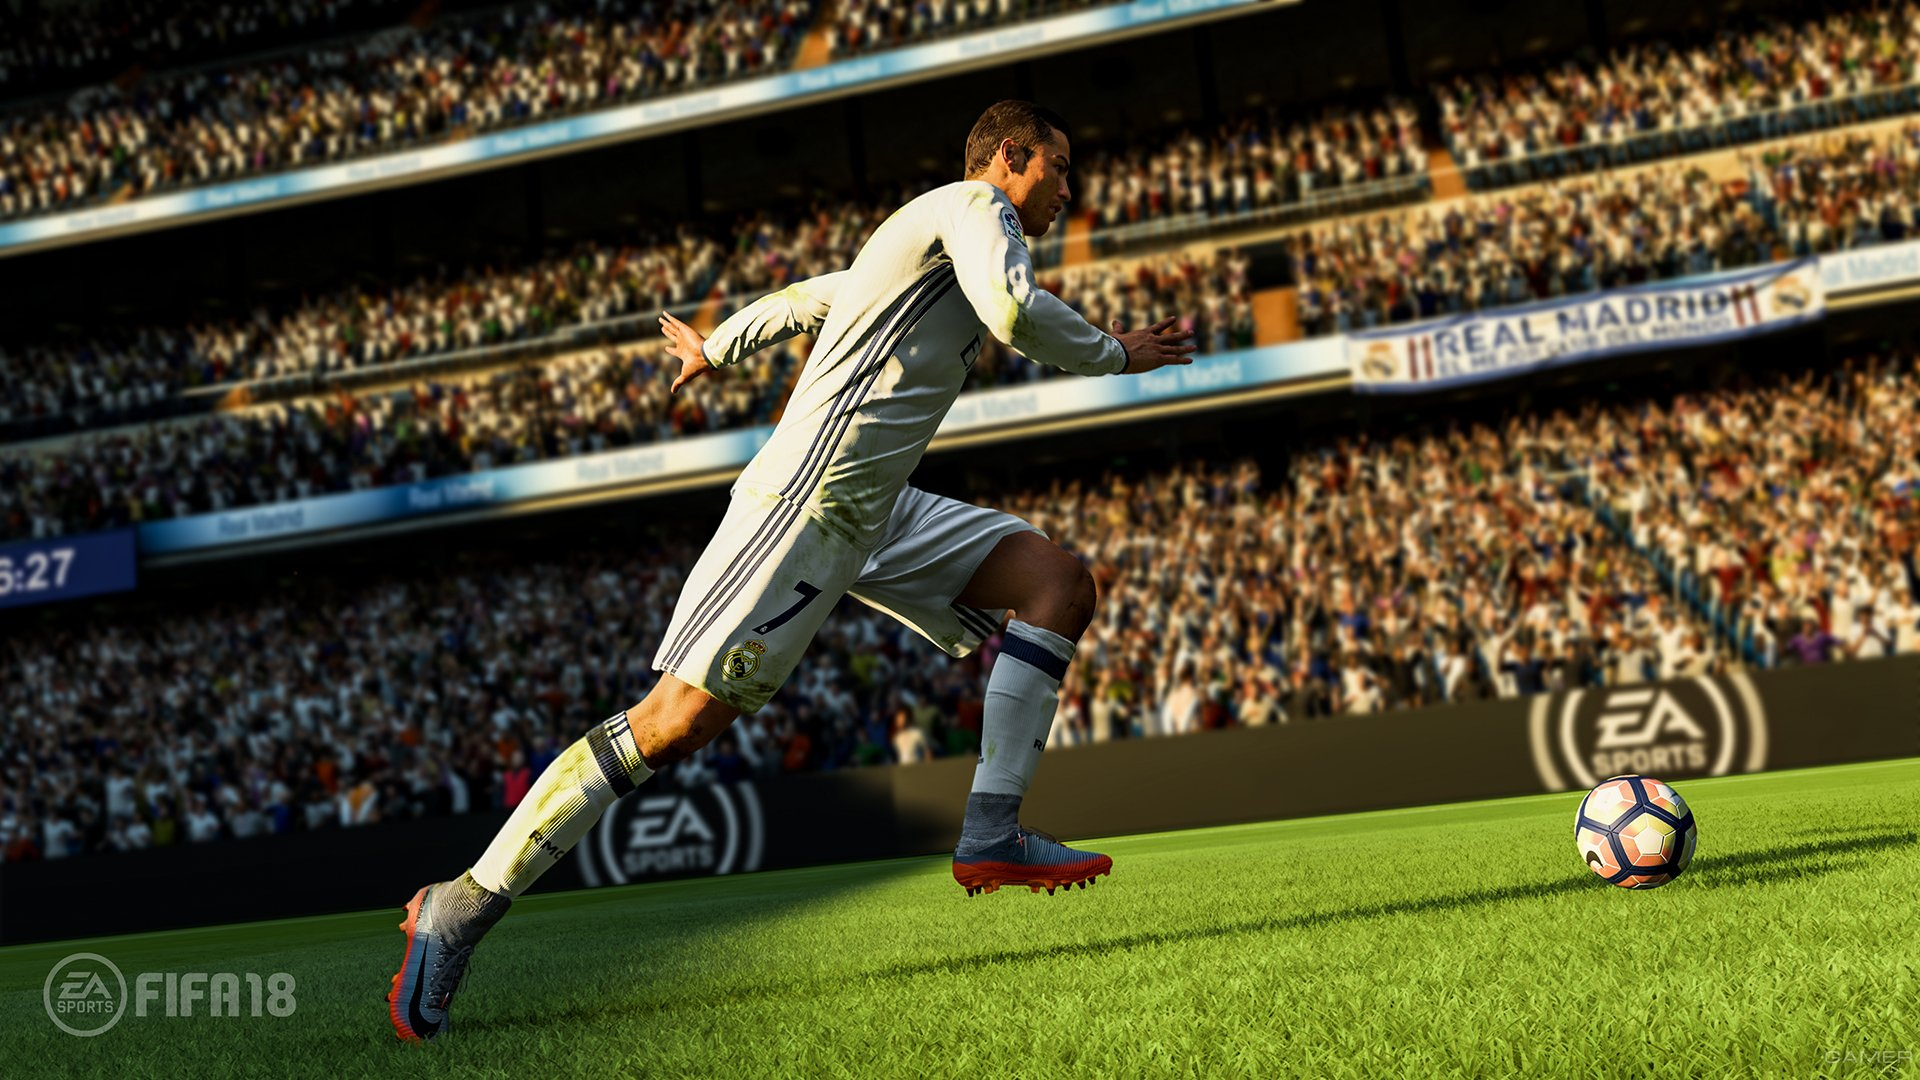 Системные требования и демоверсия FIFA 18